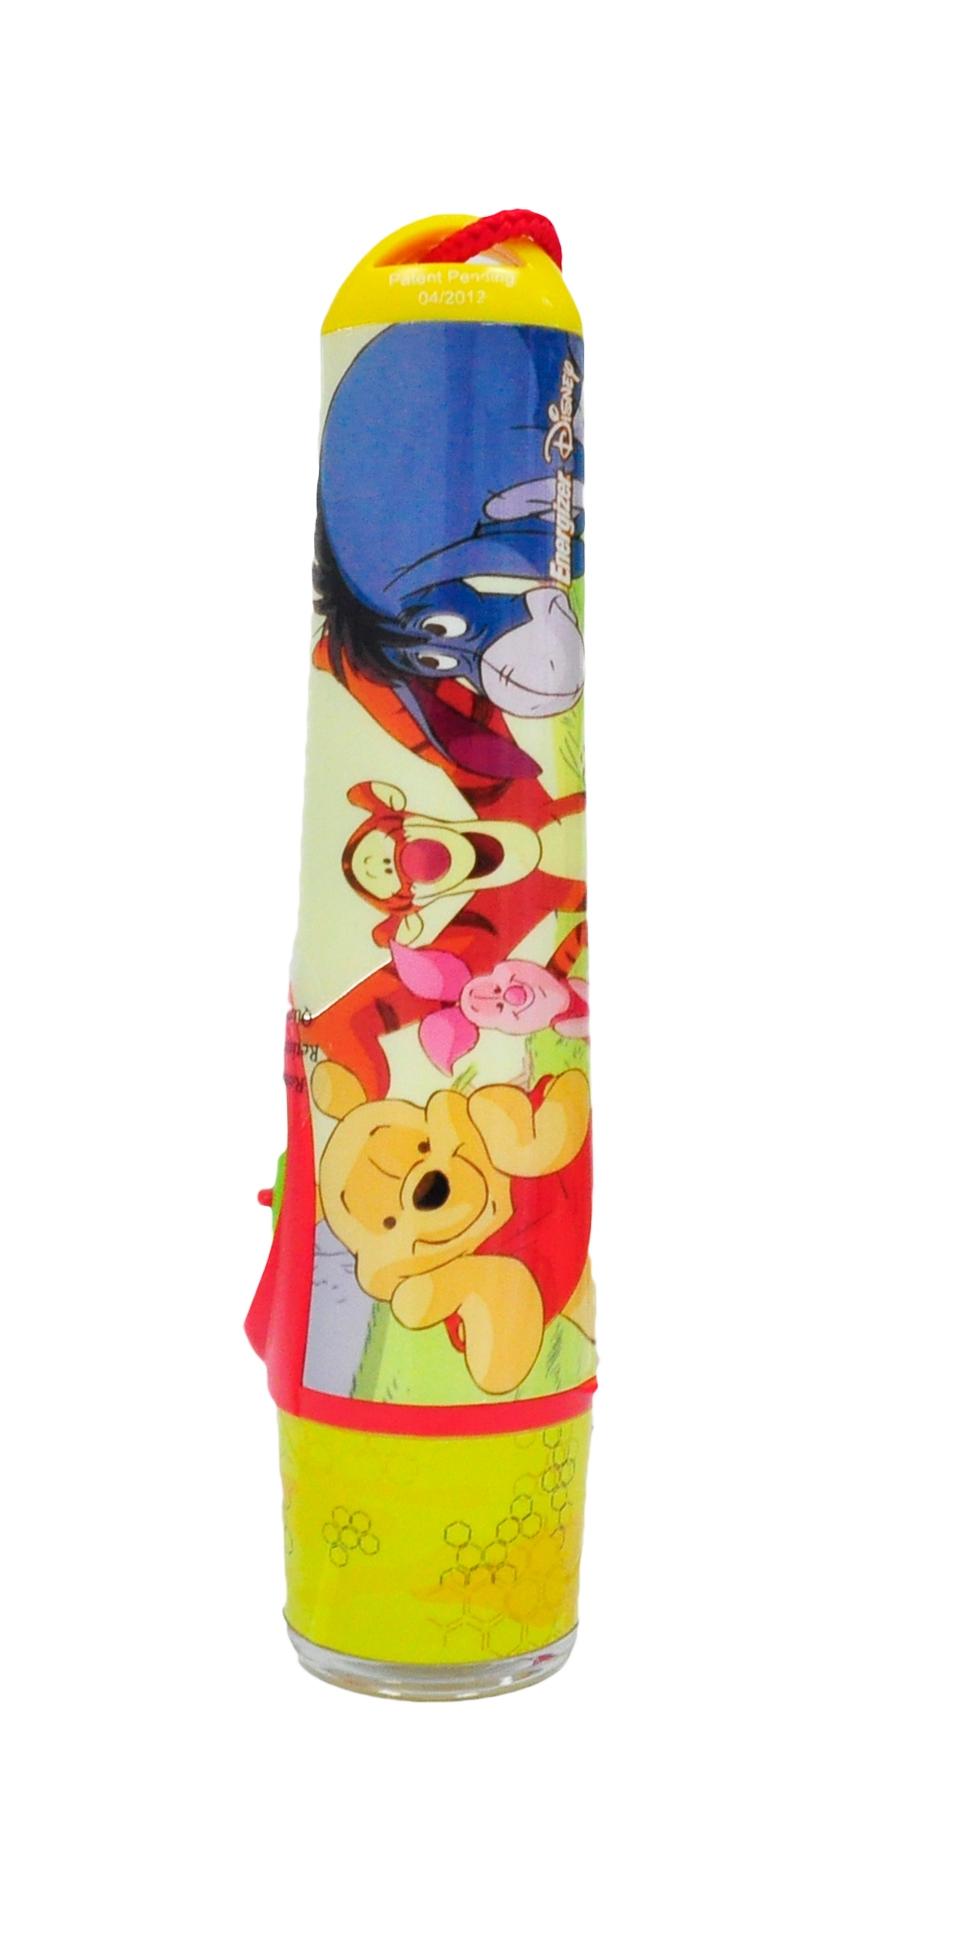 купить Фонарь Energizer Disney Винни Пух онлайн